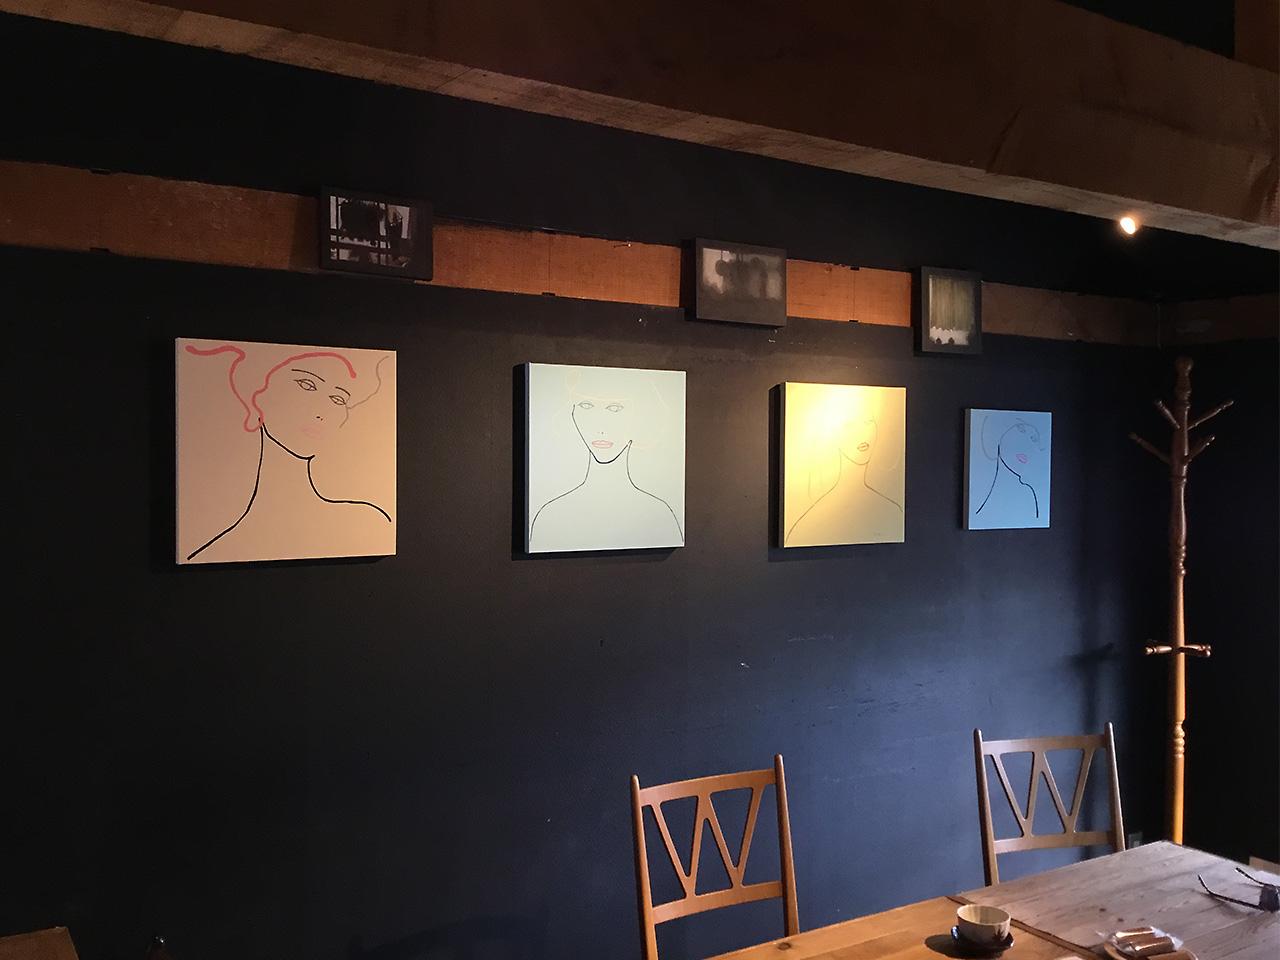 芦屋画廊kyoto 2F Book&cafe スペース